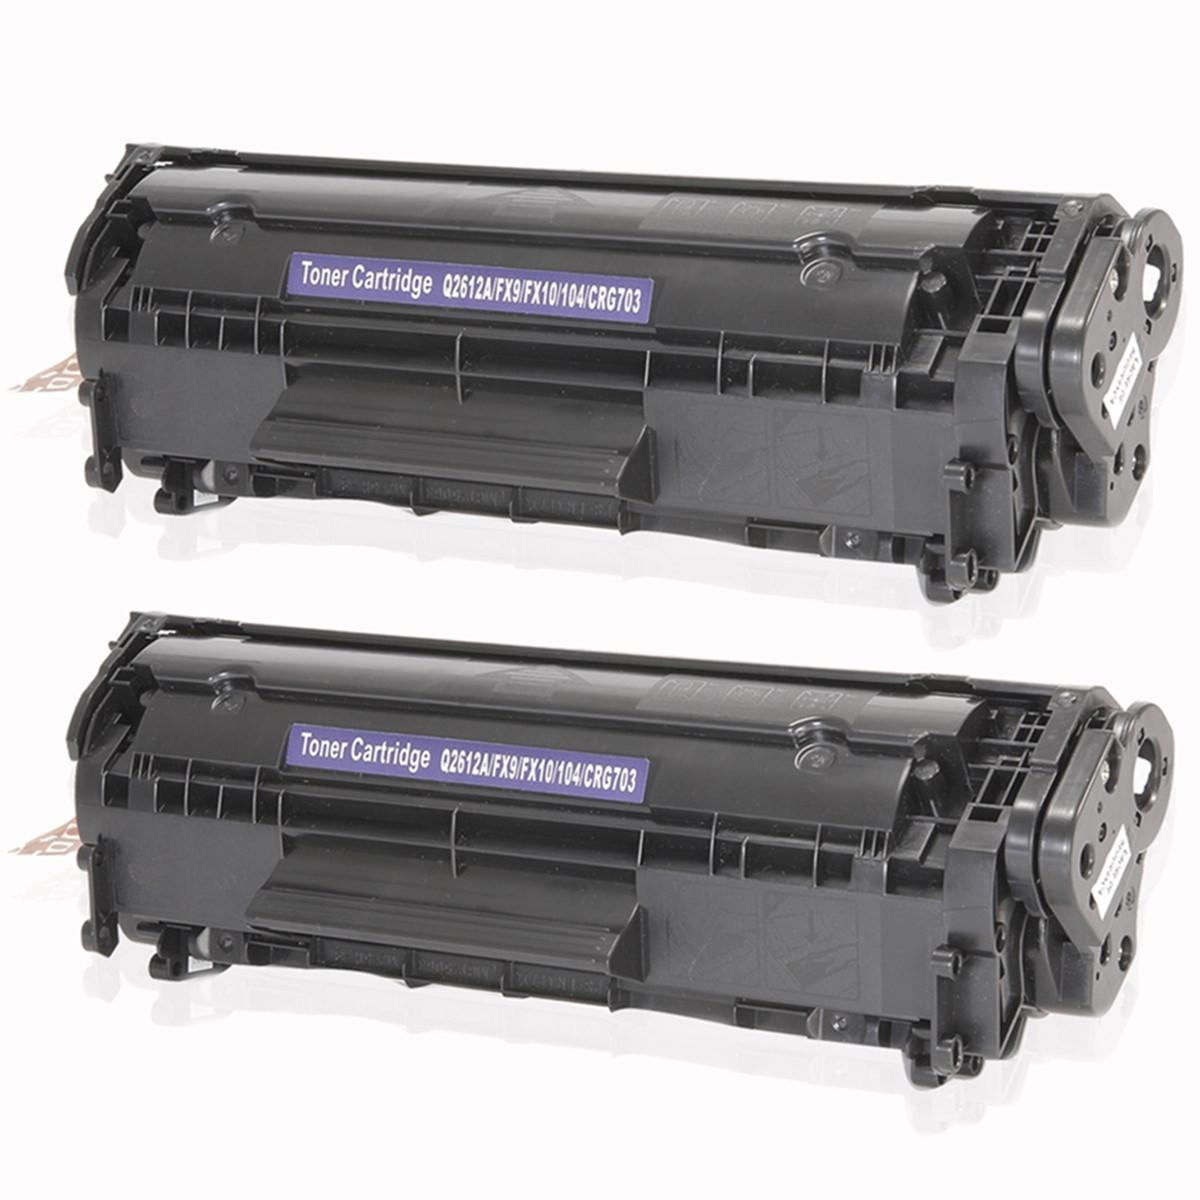 Kit 2 Toner Compatível com HP Q2612A 2612A 12A | 1010 1012 1015 1018 1020 1022 3015 | Premium 2k